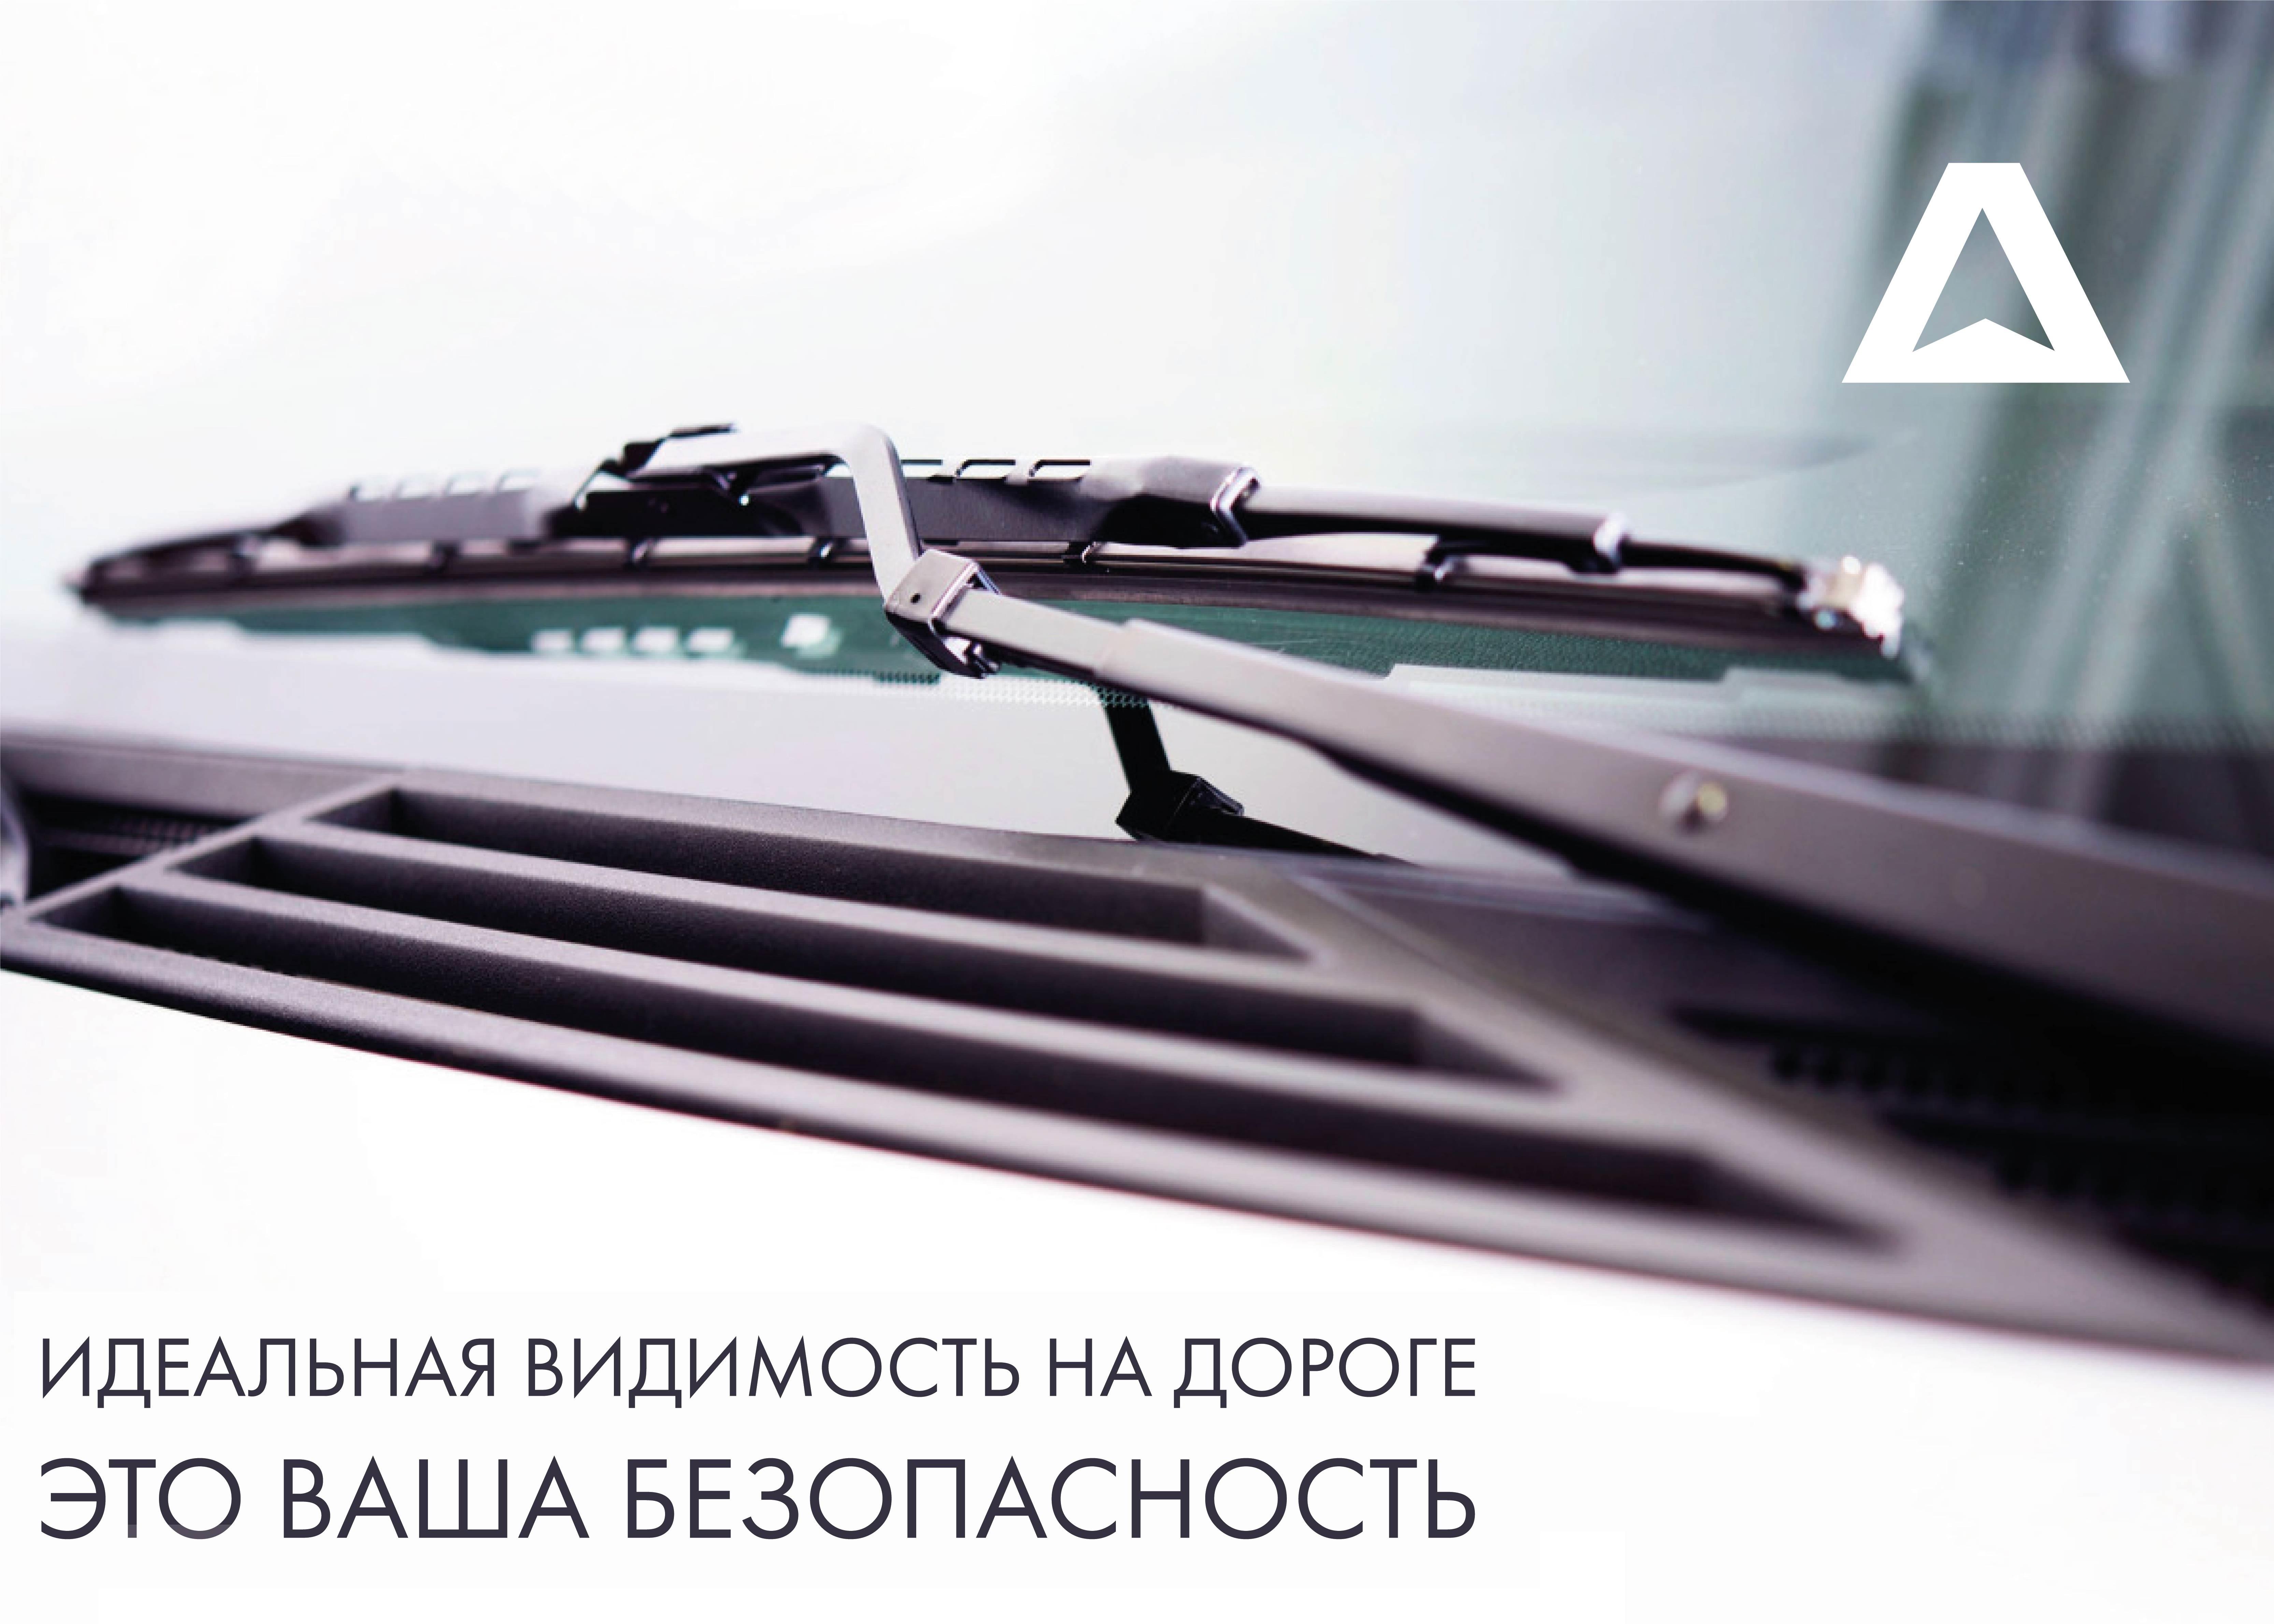 Дворники на Volkswagen Golf IV двигаются слишком медленно